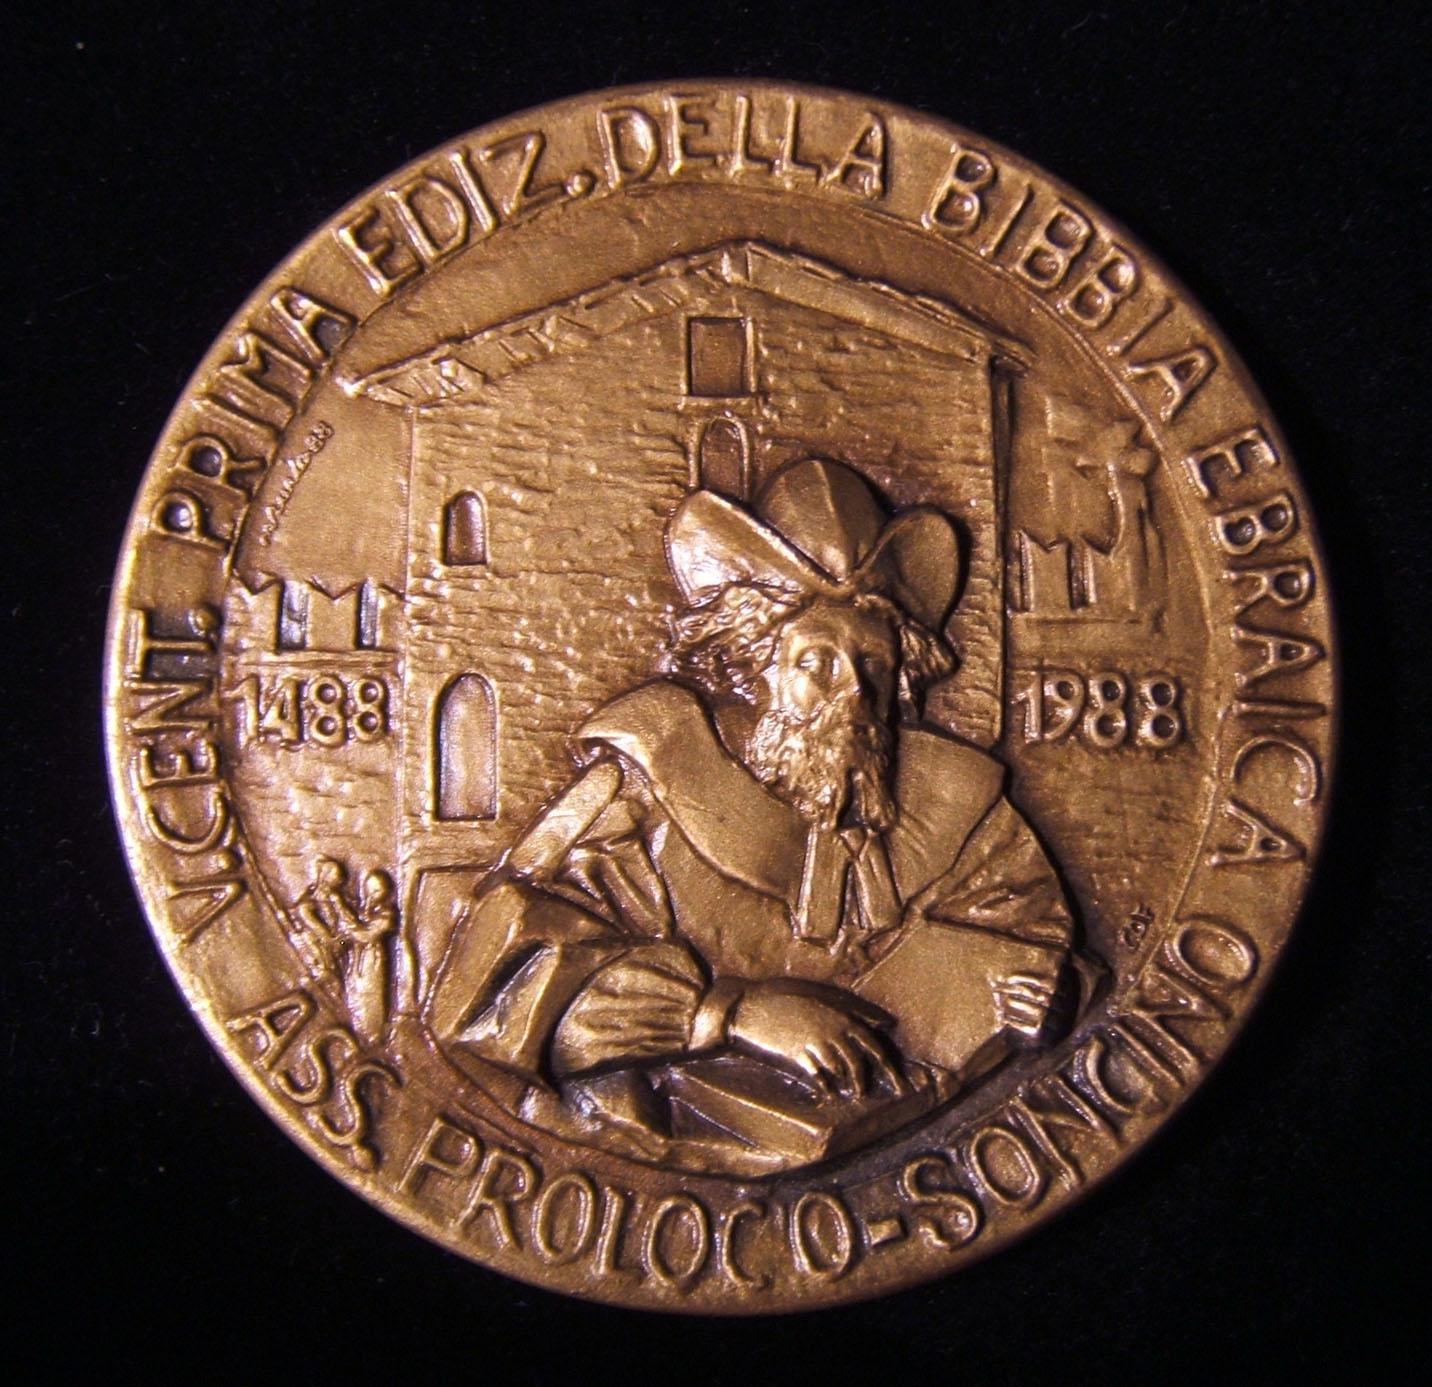 Italien: 500 Jahre zur ersten Ausgabe der hebräischen Bibel, 1488-1988; graviert von Maurizio Zurla; Größe: 50 mm; Gewicht: 81,85 g. Vorderseite zeigt italienische Beschriftung